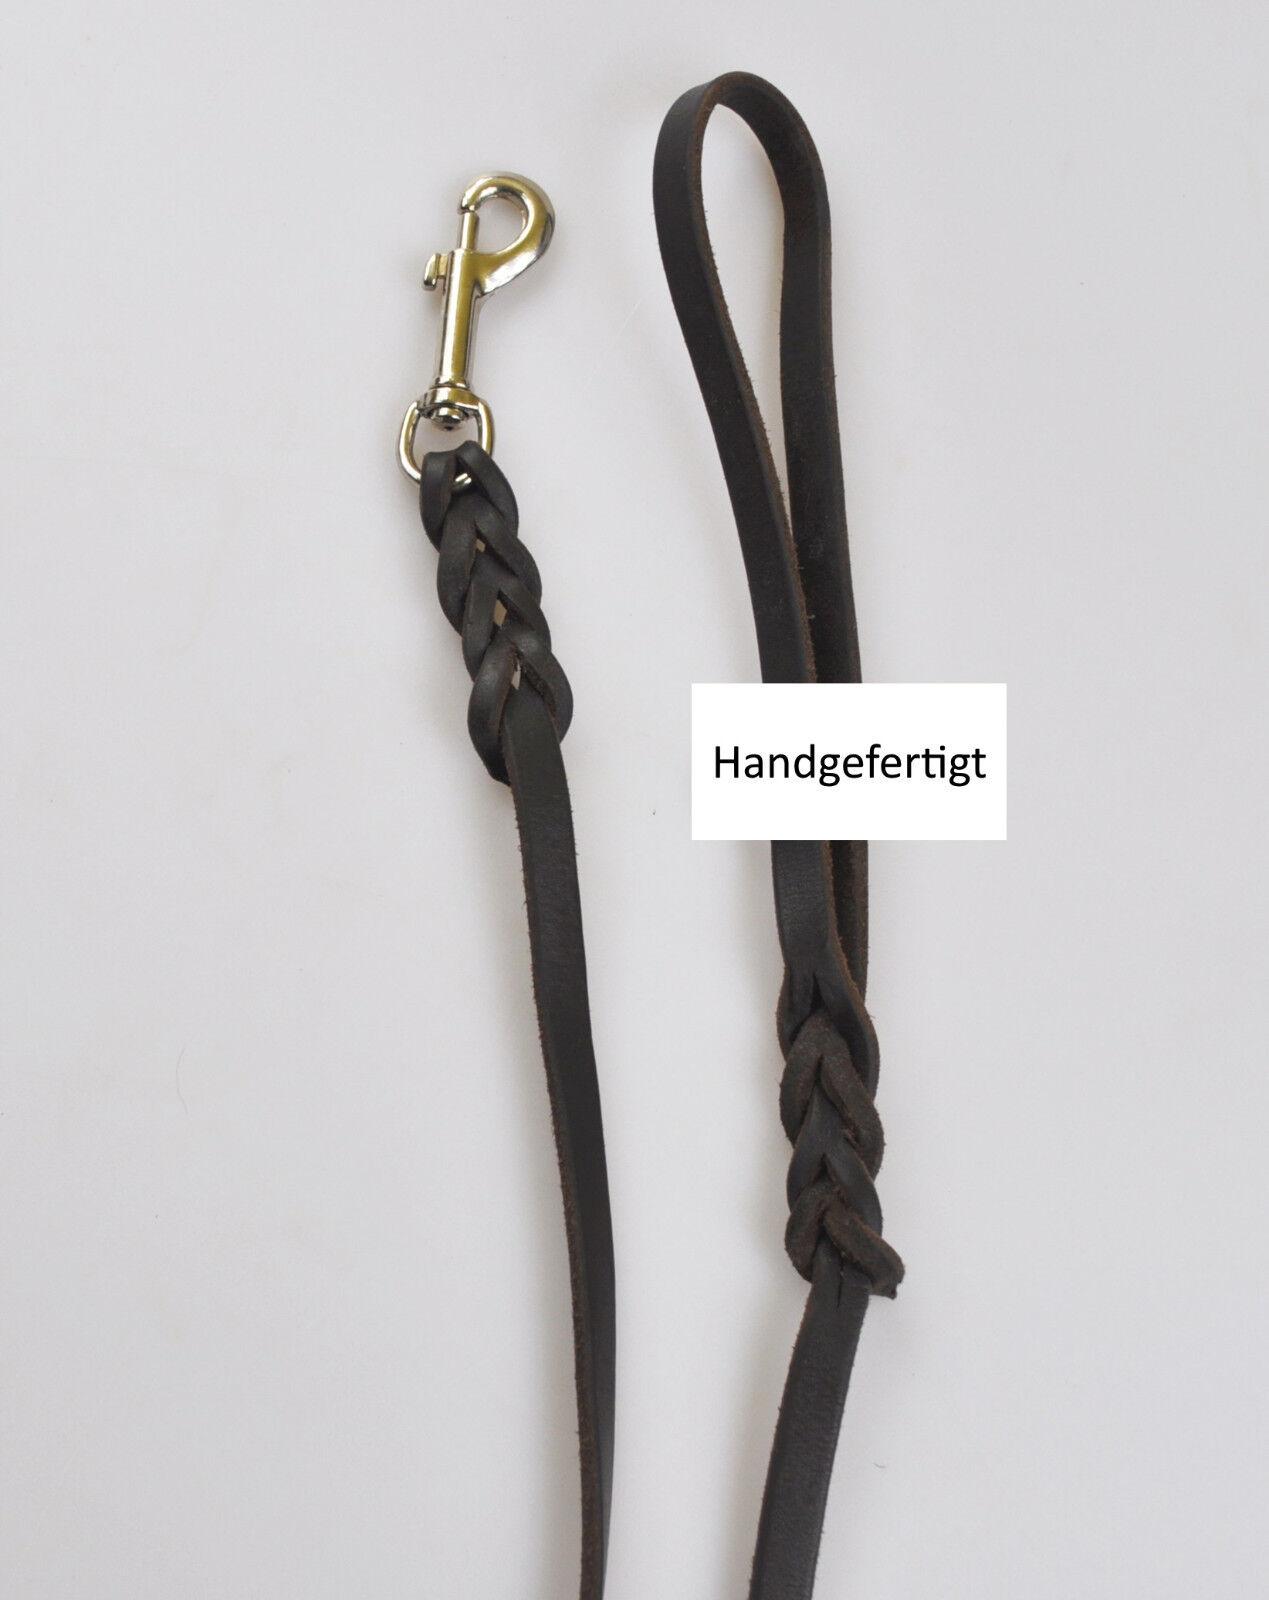 Fettlederleine 1,50m geflochten mit Handschlaufe 5 5 5 Breiten Lederleine Braun    Haltbar  afa862